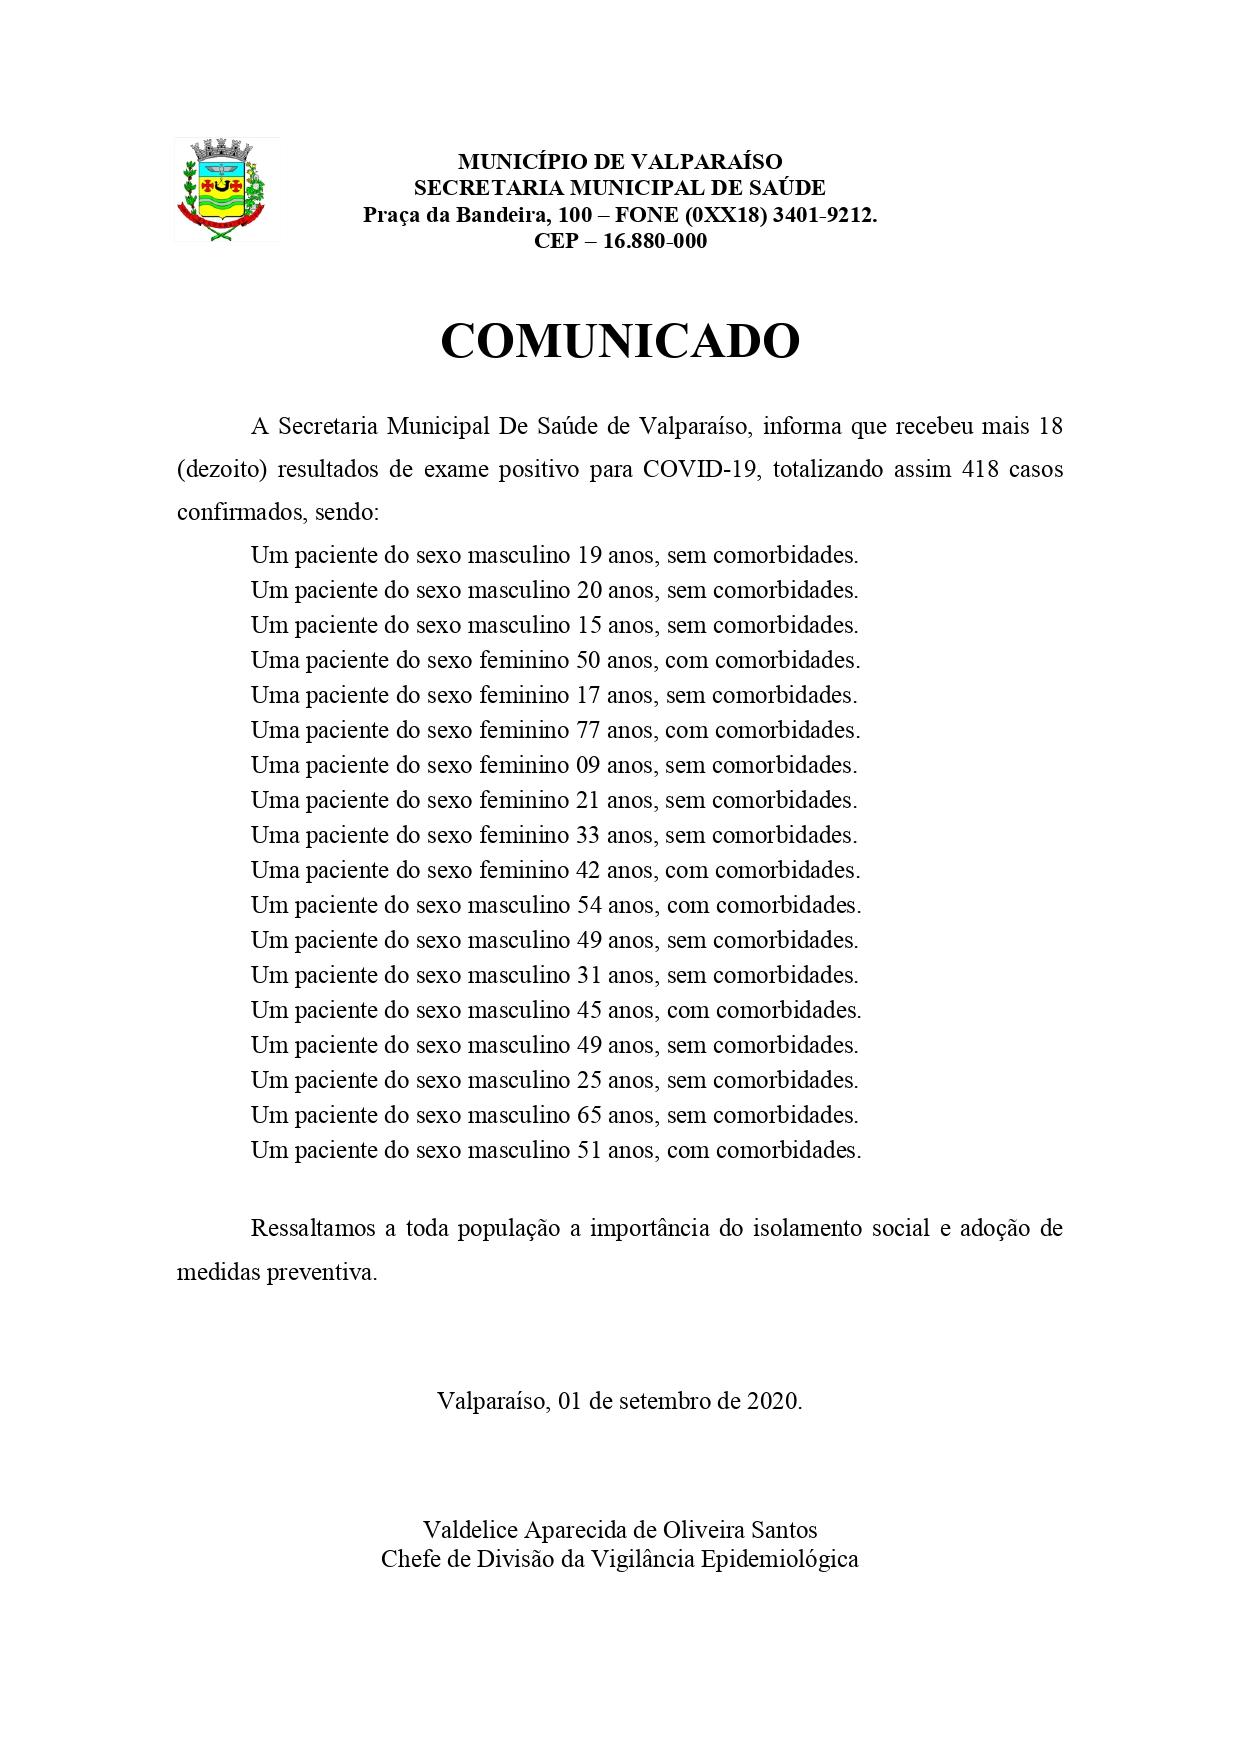 covid418